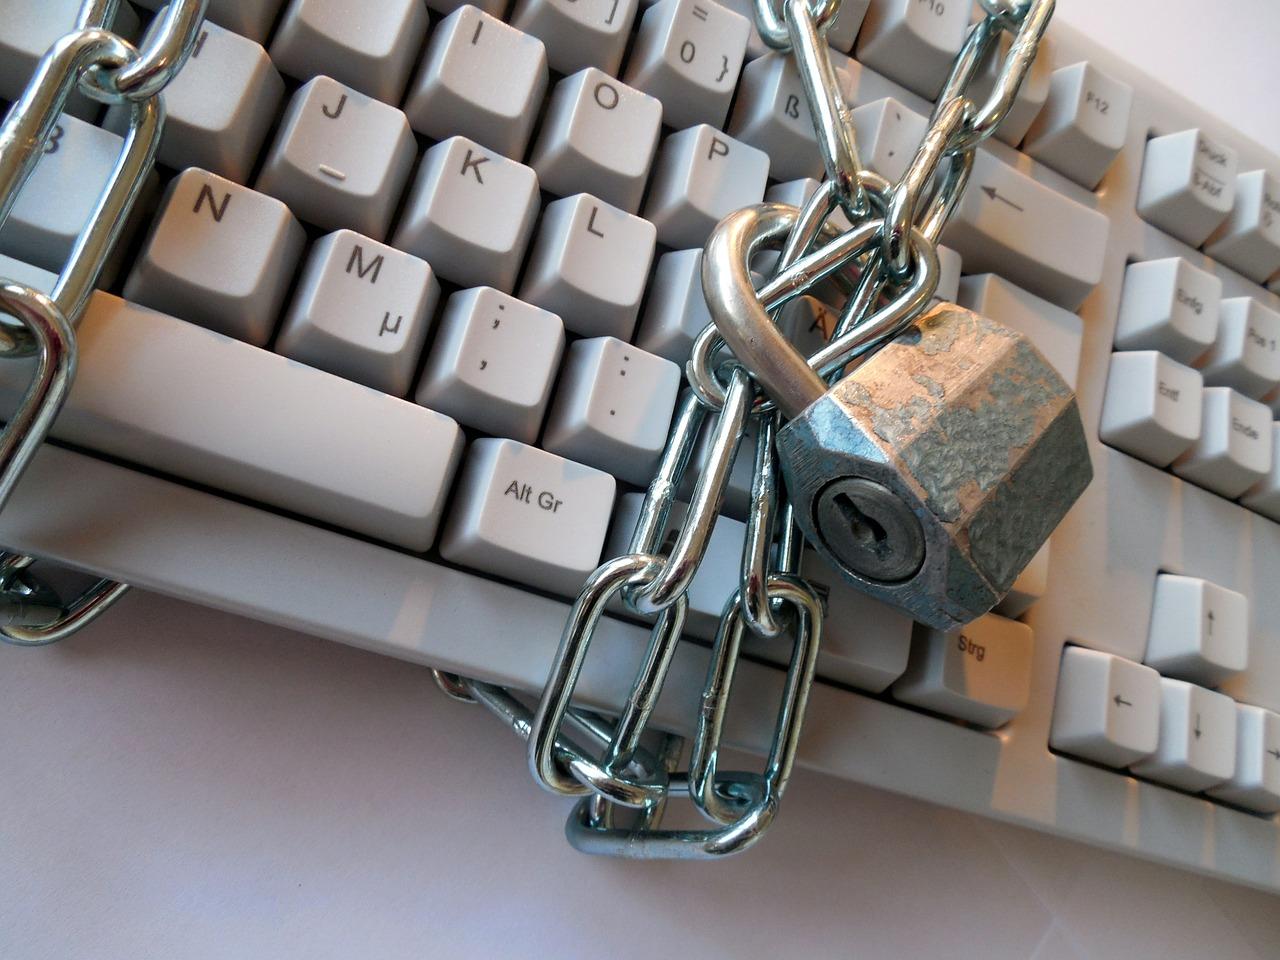 Nowe zagrożenia internetowe w miejscach publicznych